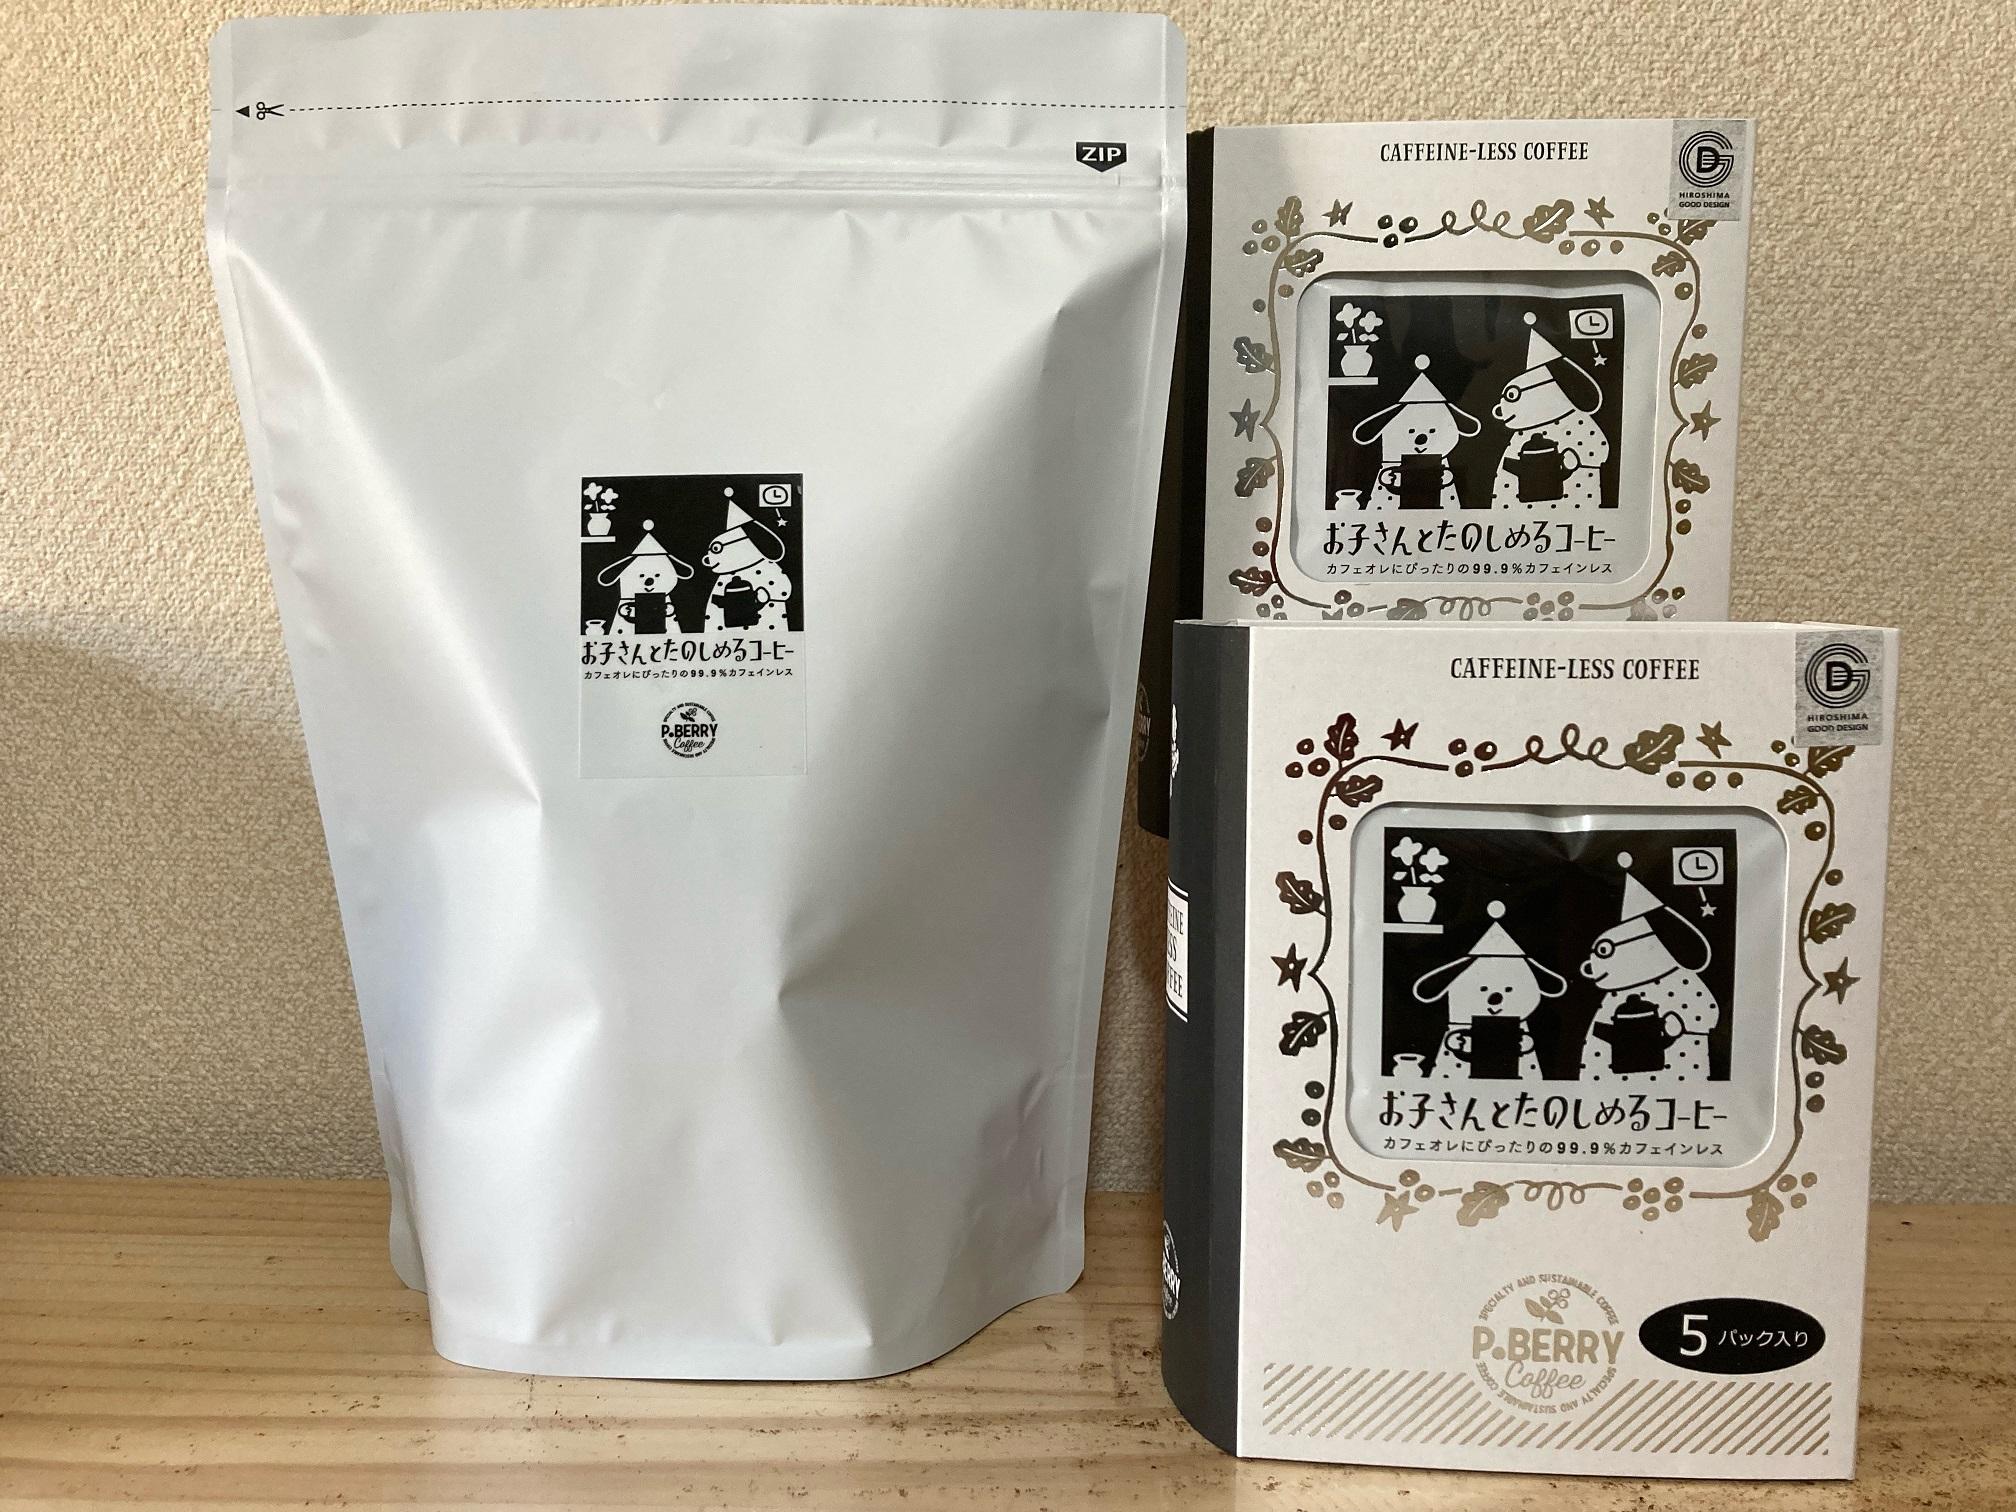 B17  機能別カフェインレスコーヒーセット(お子さんとたのしめるコーヒー)